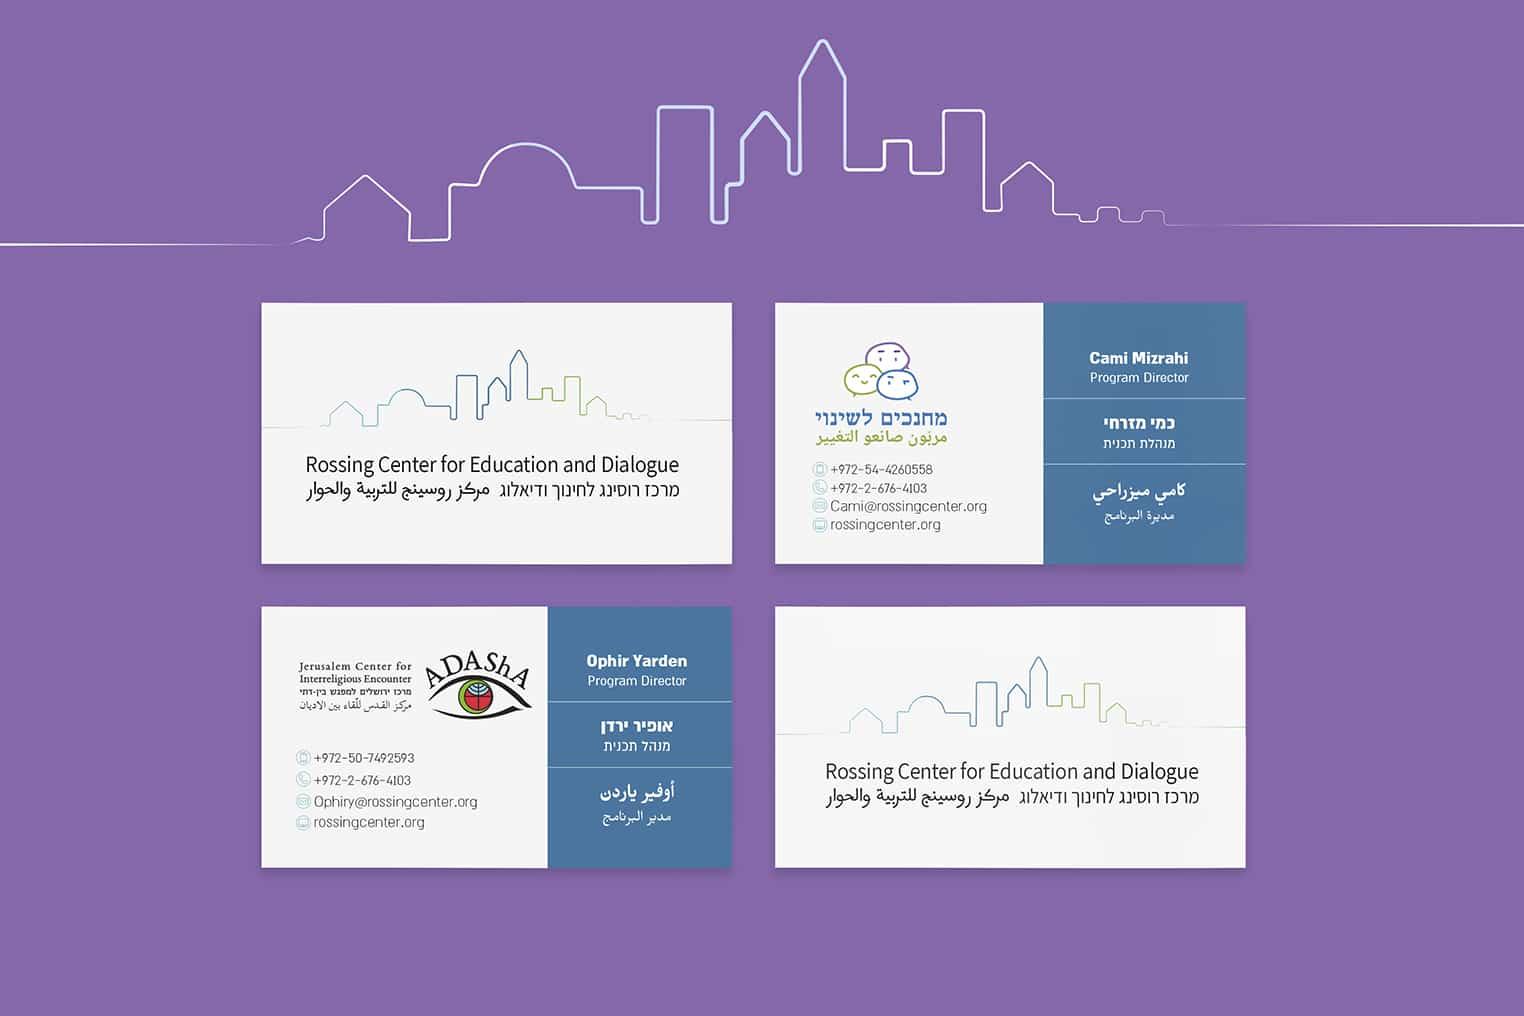 מיתוג ועיצוב כרטיסי ביקור לכל התכניות במרכז רוסינג